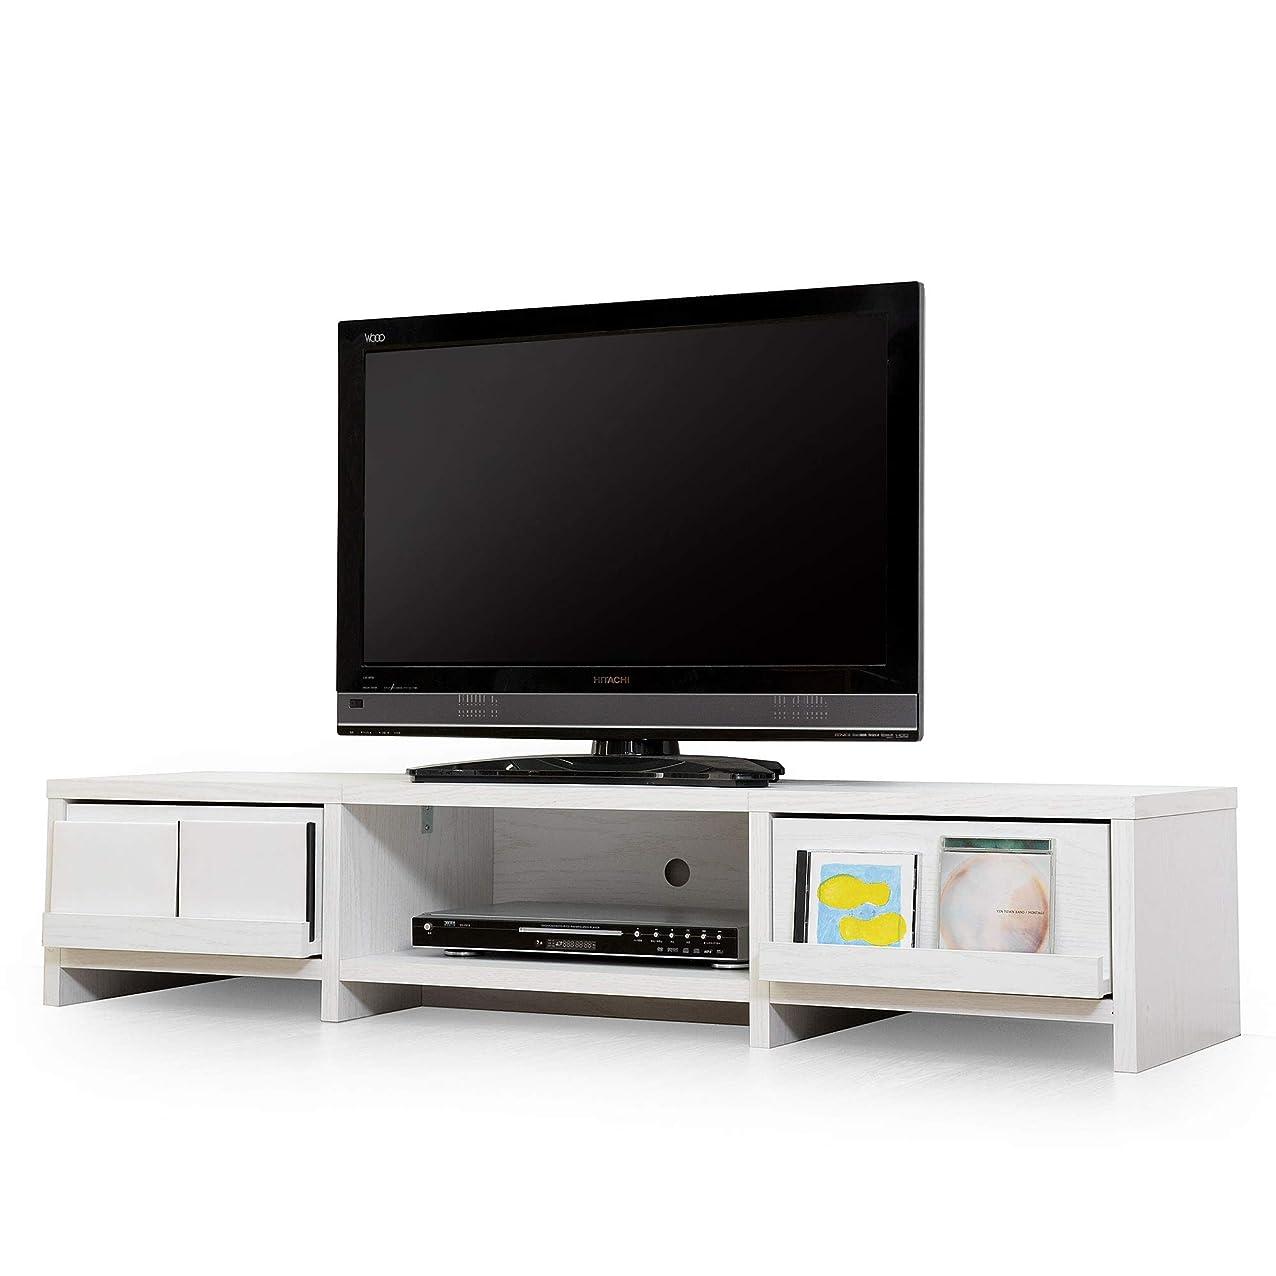 突き刺す時刻表終わったLITENStaD テレビ台 ローボード TVボード 幅140cm × 奥行40cm × 高さ30cm ホワイトオーク LSD-06-0004-wo